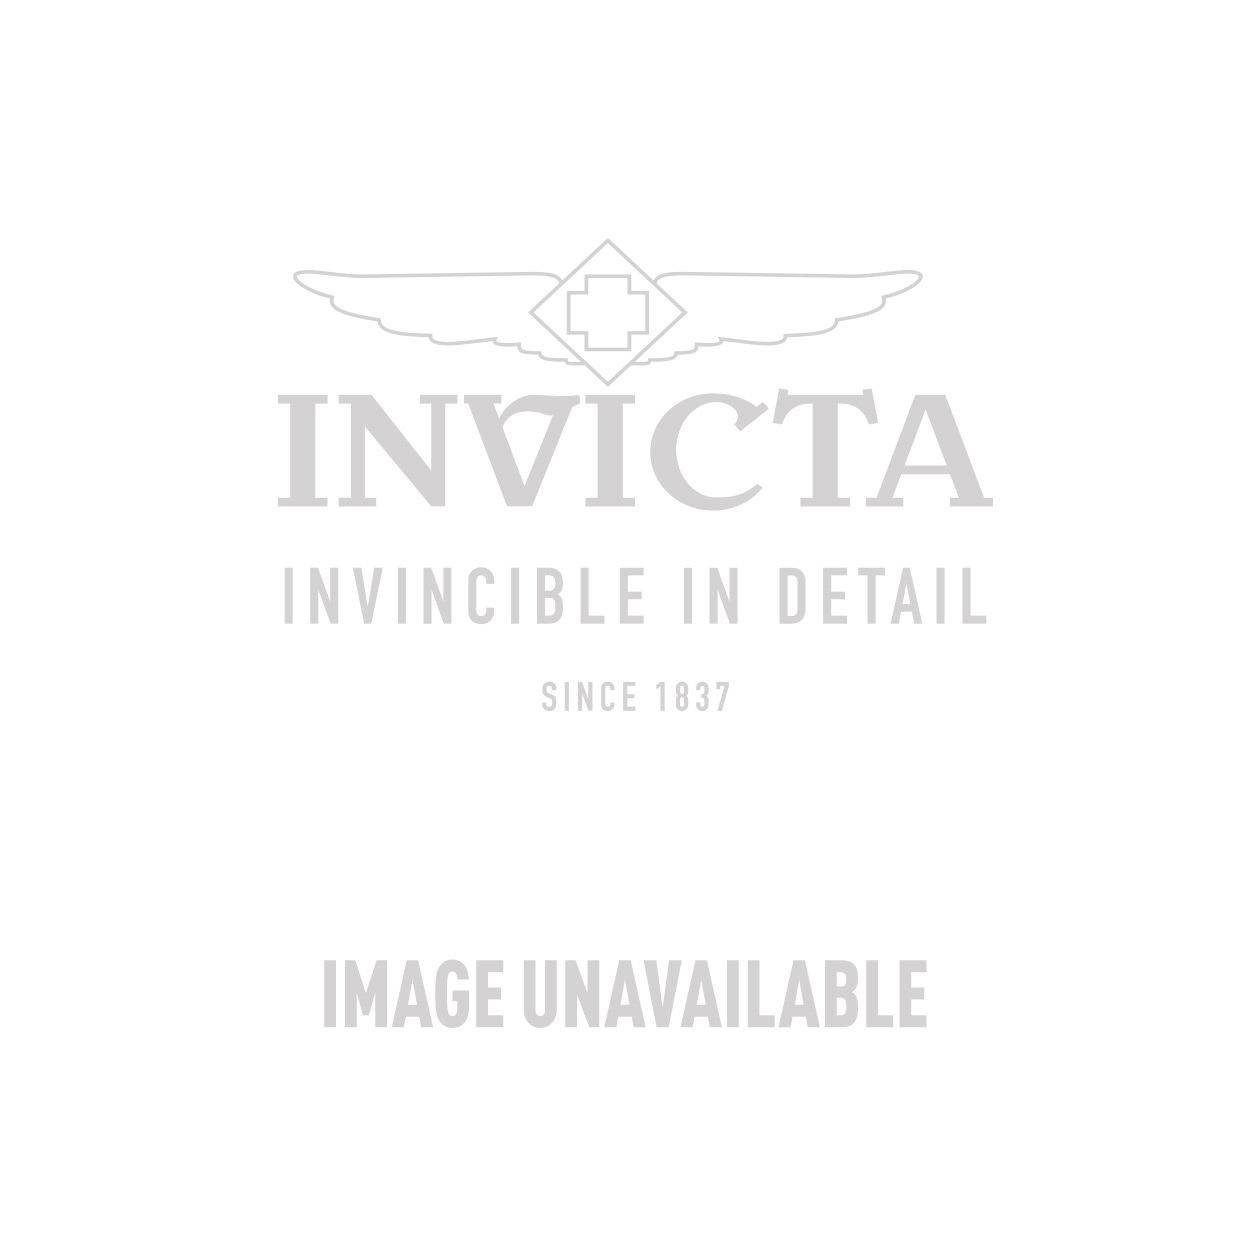 Invicta Model 25459